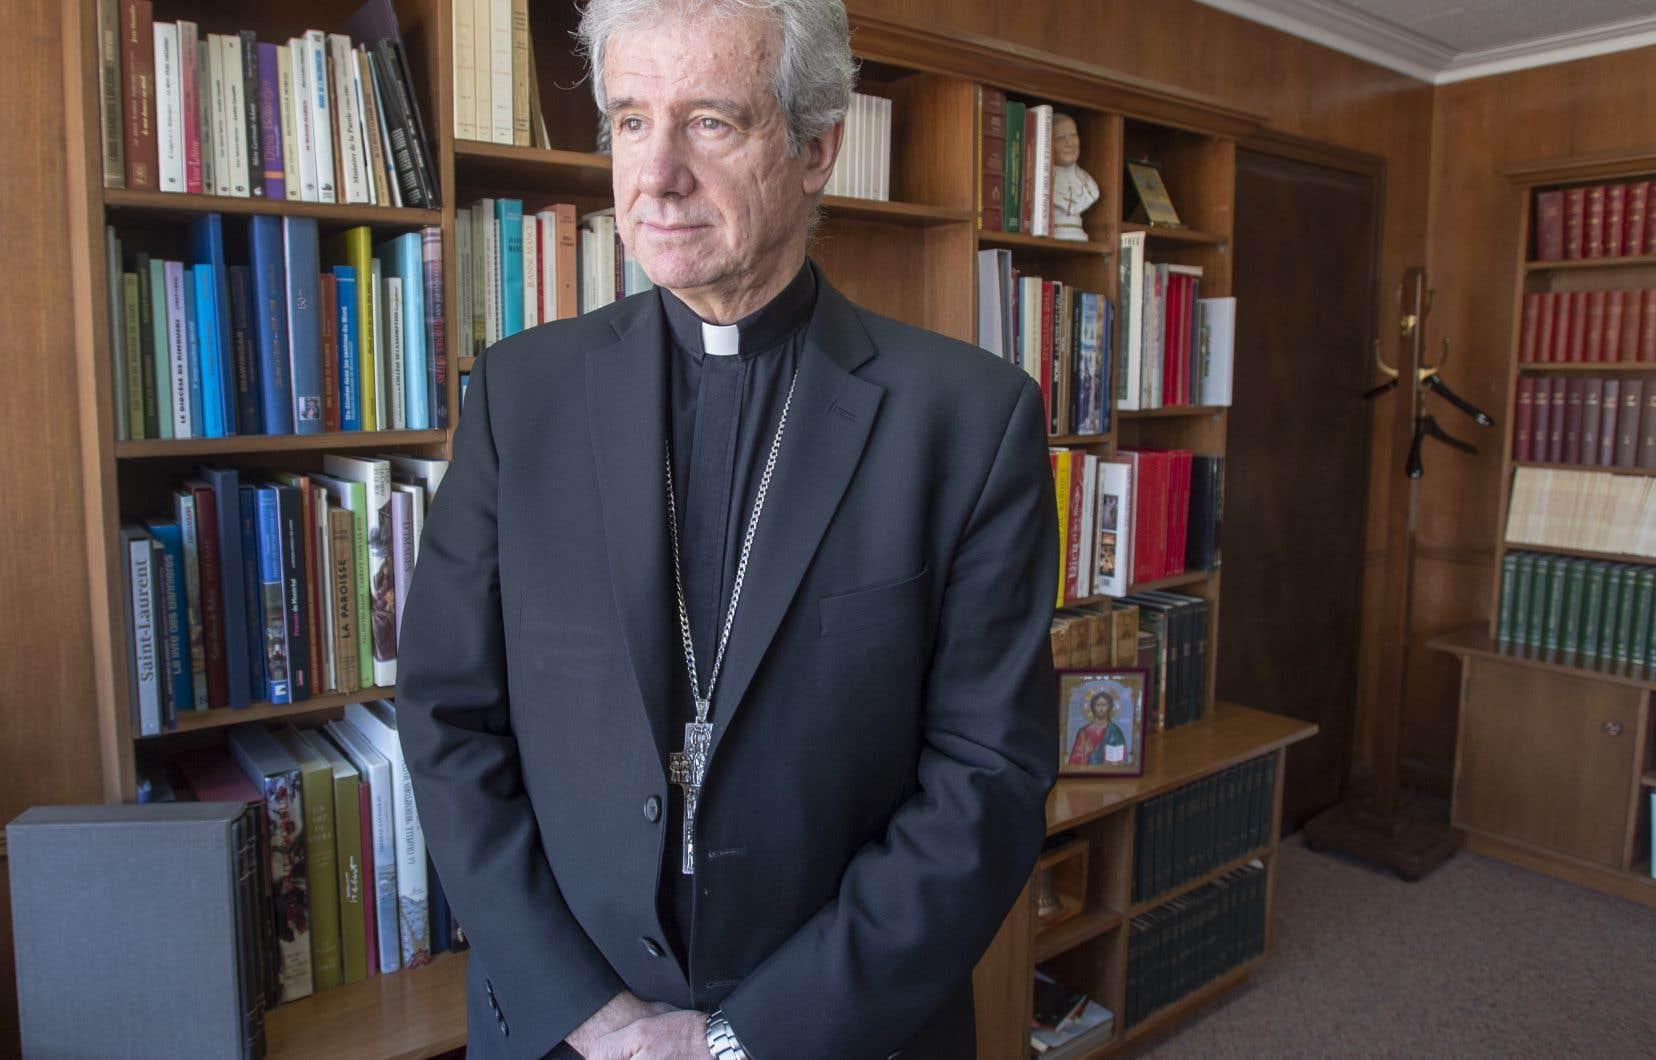 L'archevêque de Montréal, Christian Lépine, craint que le projet de loi 21 ne provoque un recul des libertés individuelles.